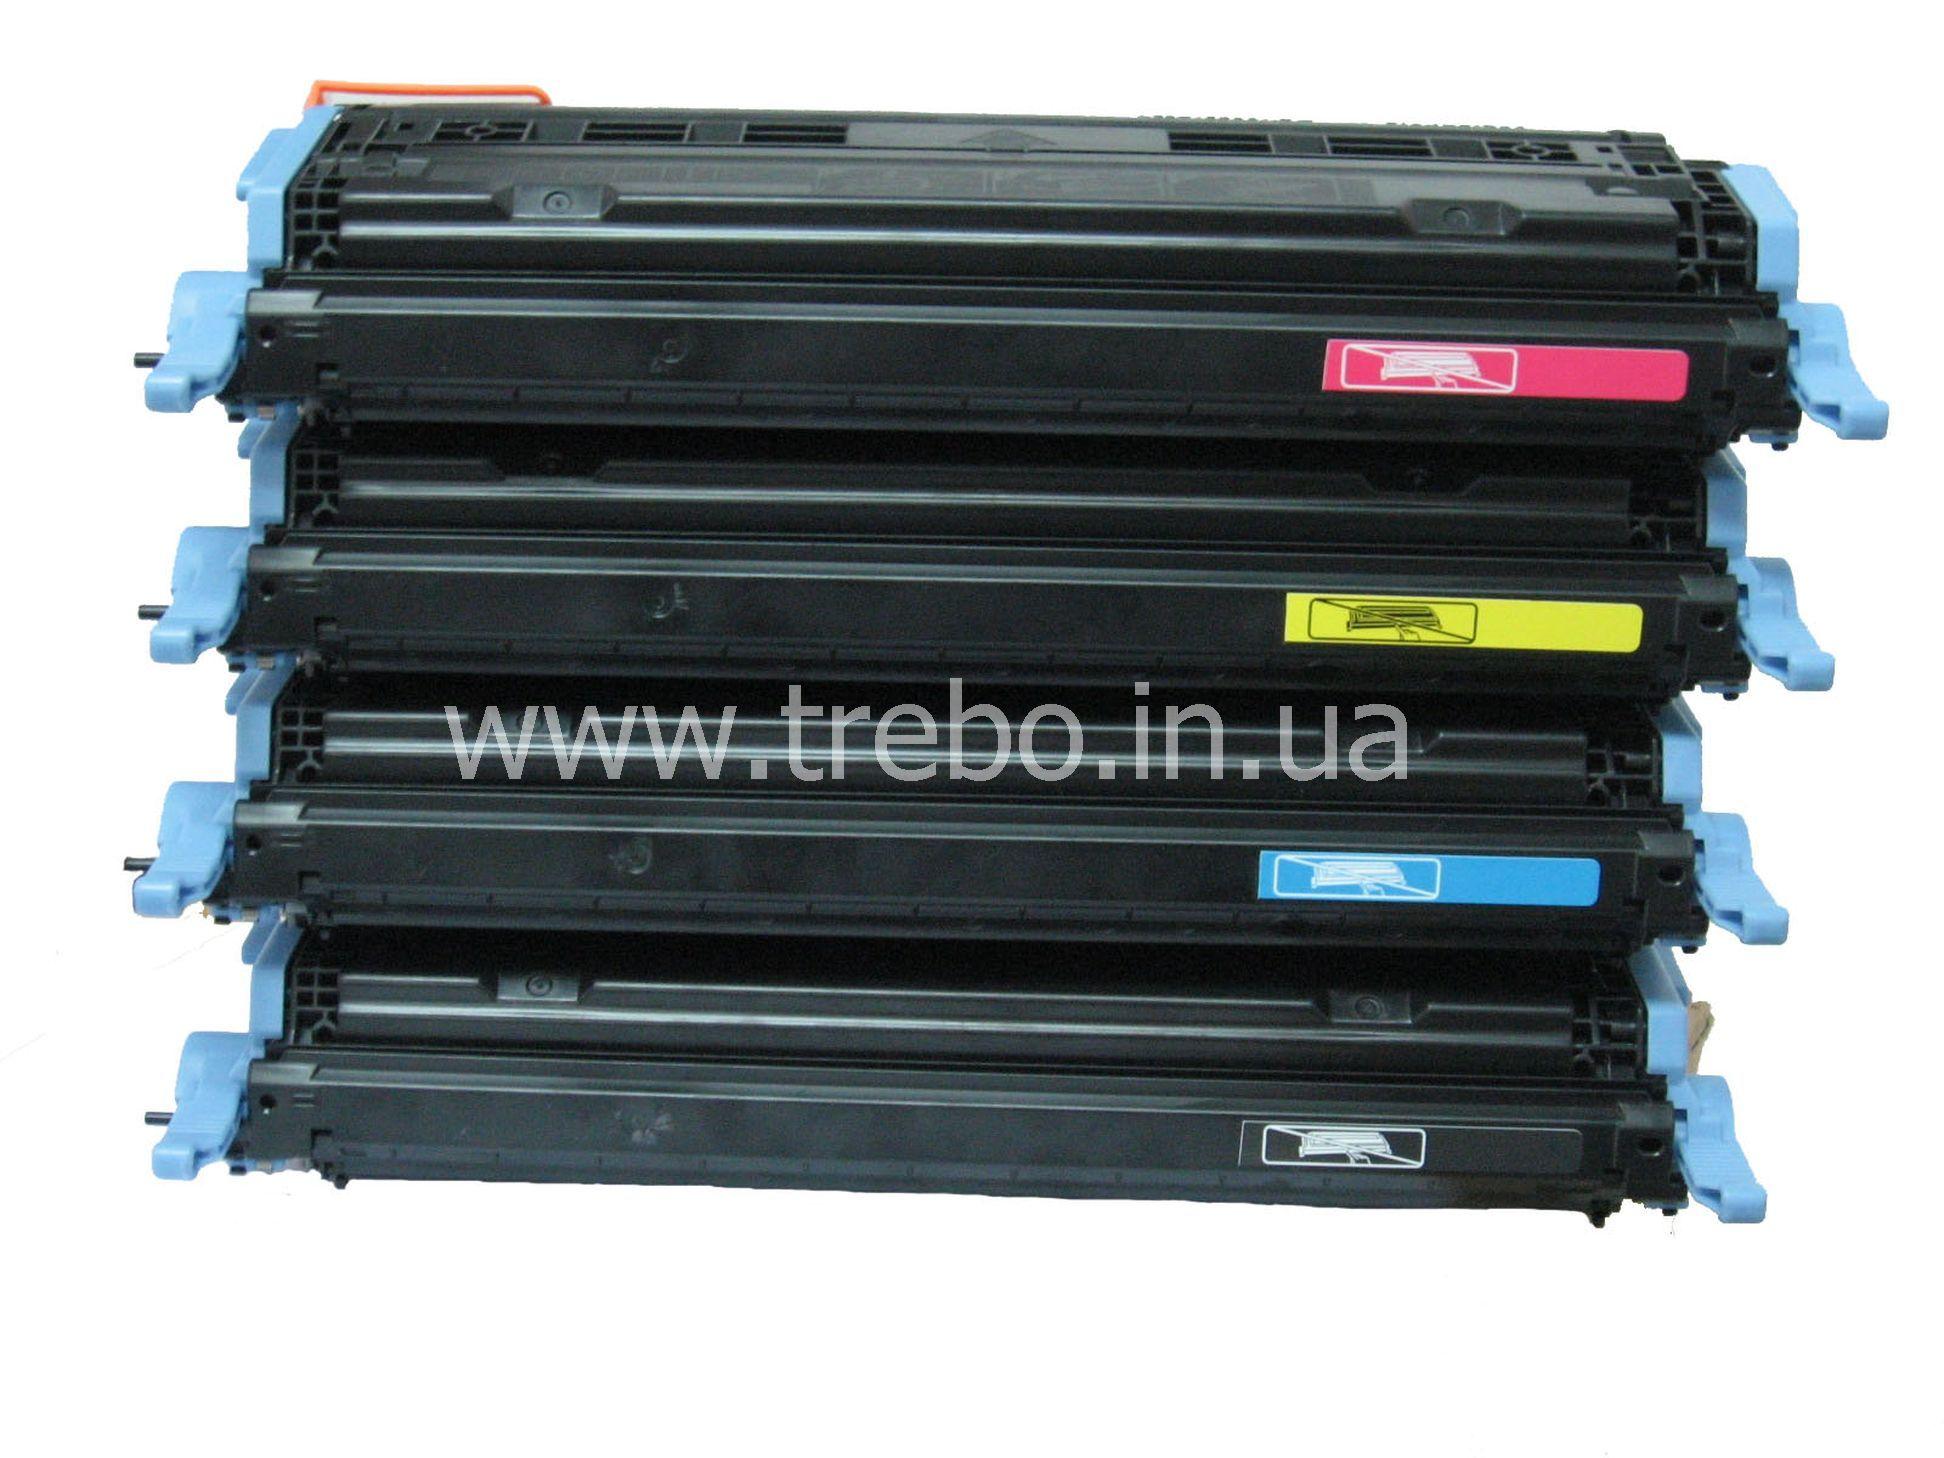 Комплект картридж wwm epson c79/cx3900/9300f/ tx200/419/t40w electra (rct073nu)